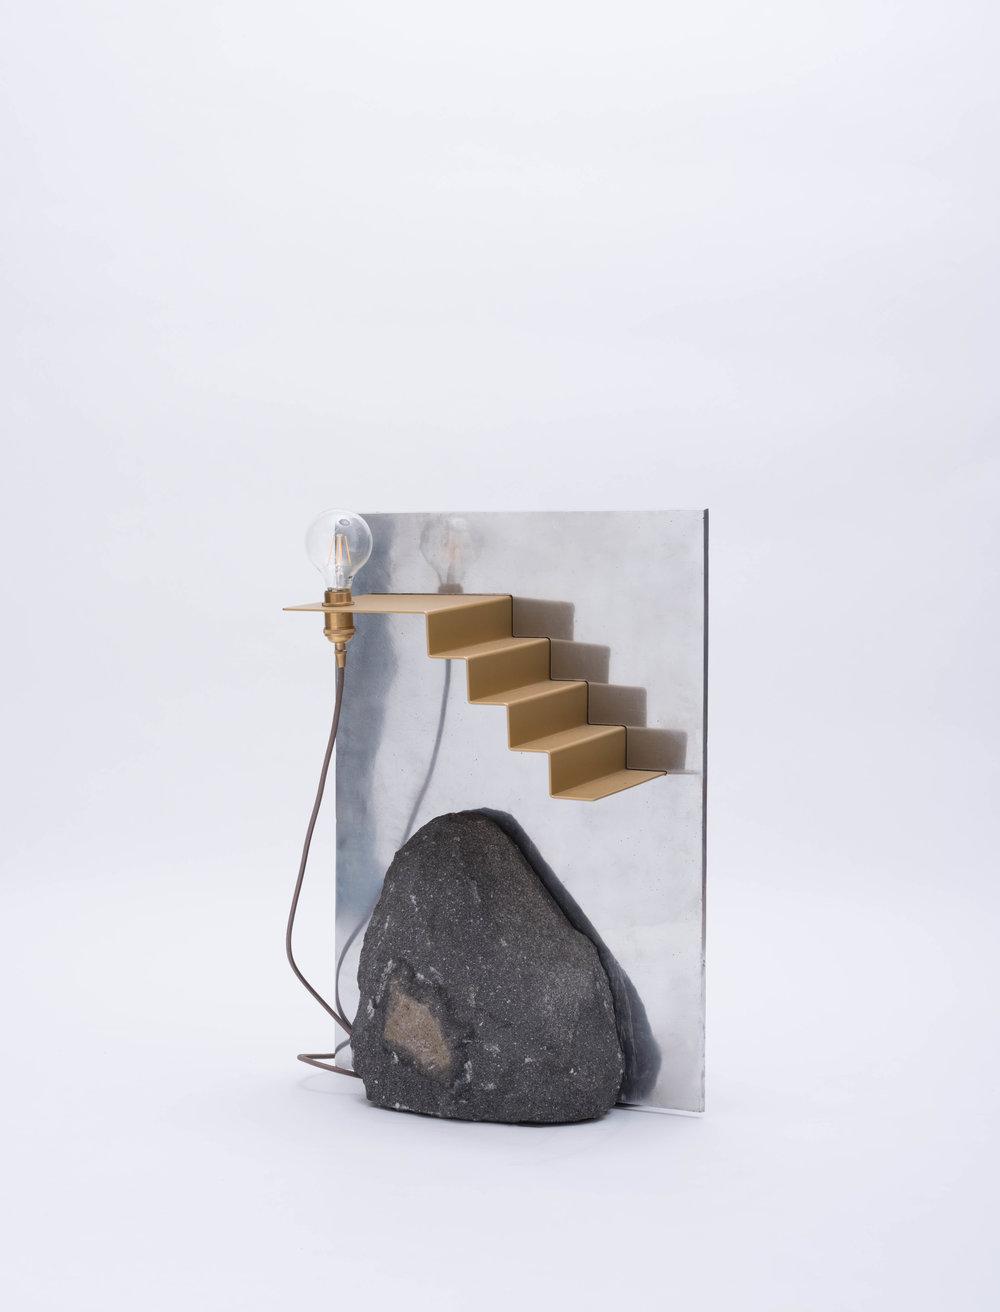 Lámpara Montaña/ Pirámide - Hecho con piedra volcánica, aluminio fundido a mano, acero con recubrimiento en polvo y herrajes de latón. La lámpara explora la representación literal y simbólica de una montaña.